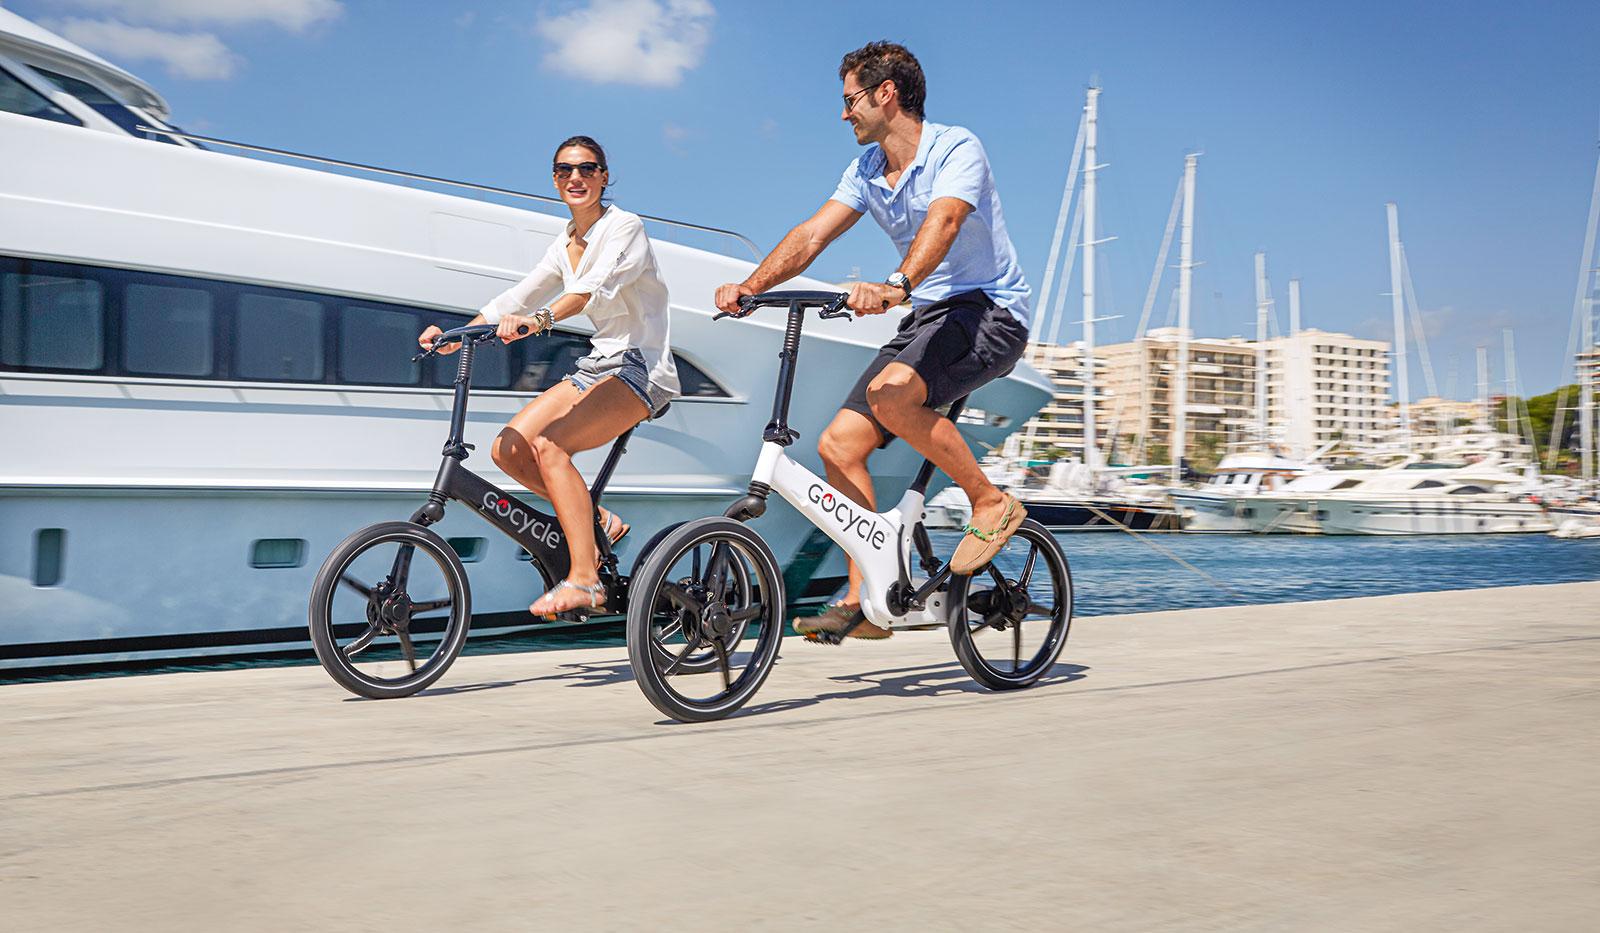 Pärchen fährt Gocycle-E-Bikes im Hafen